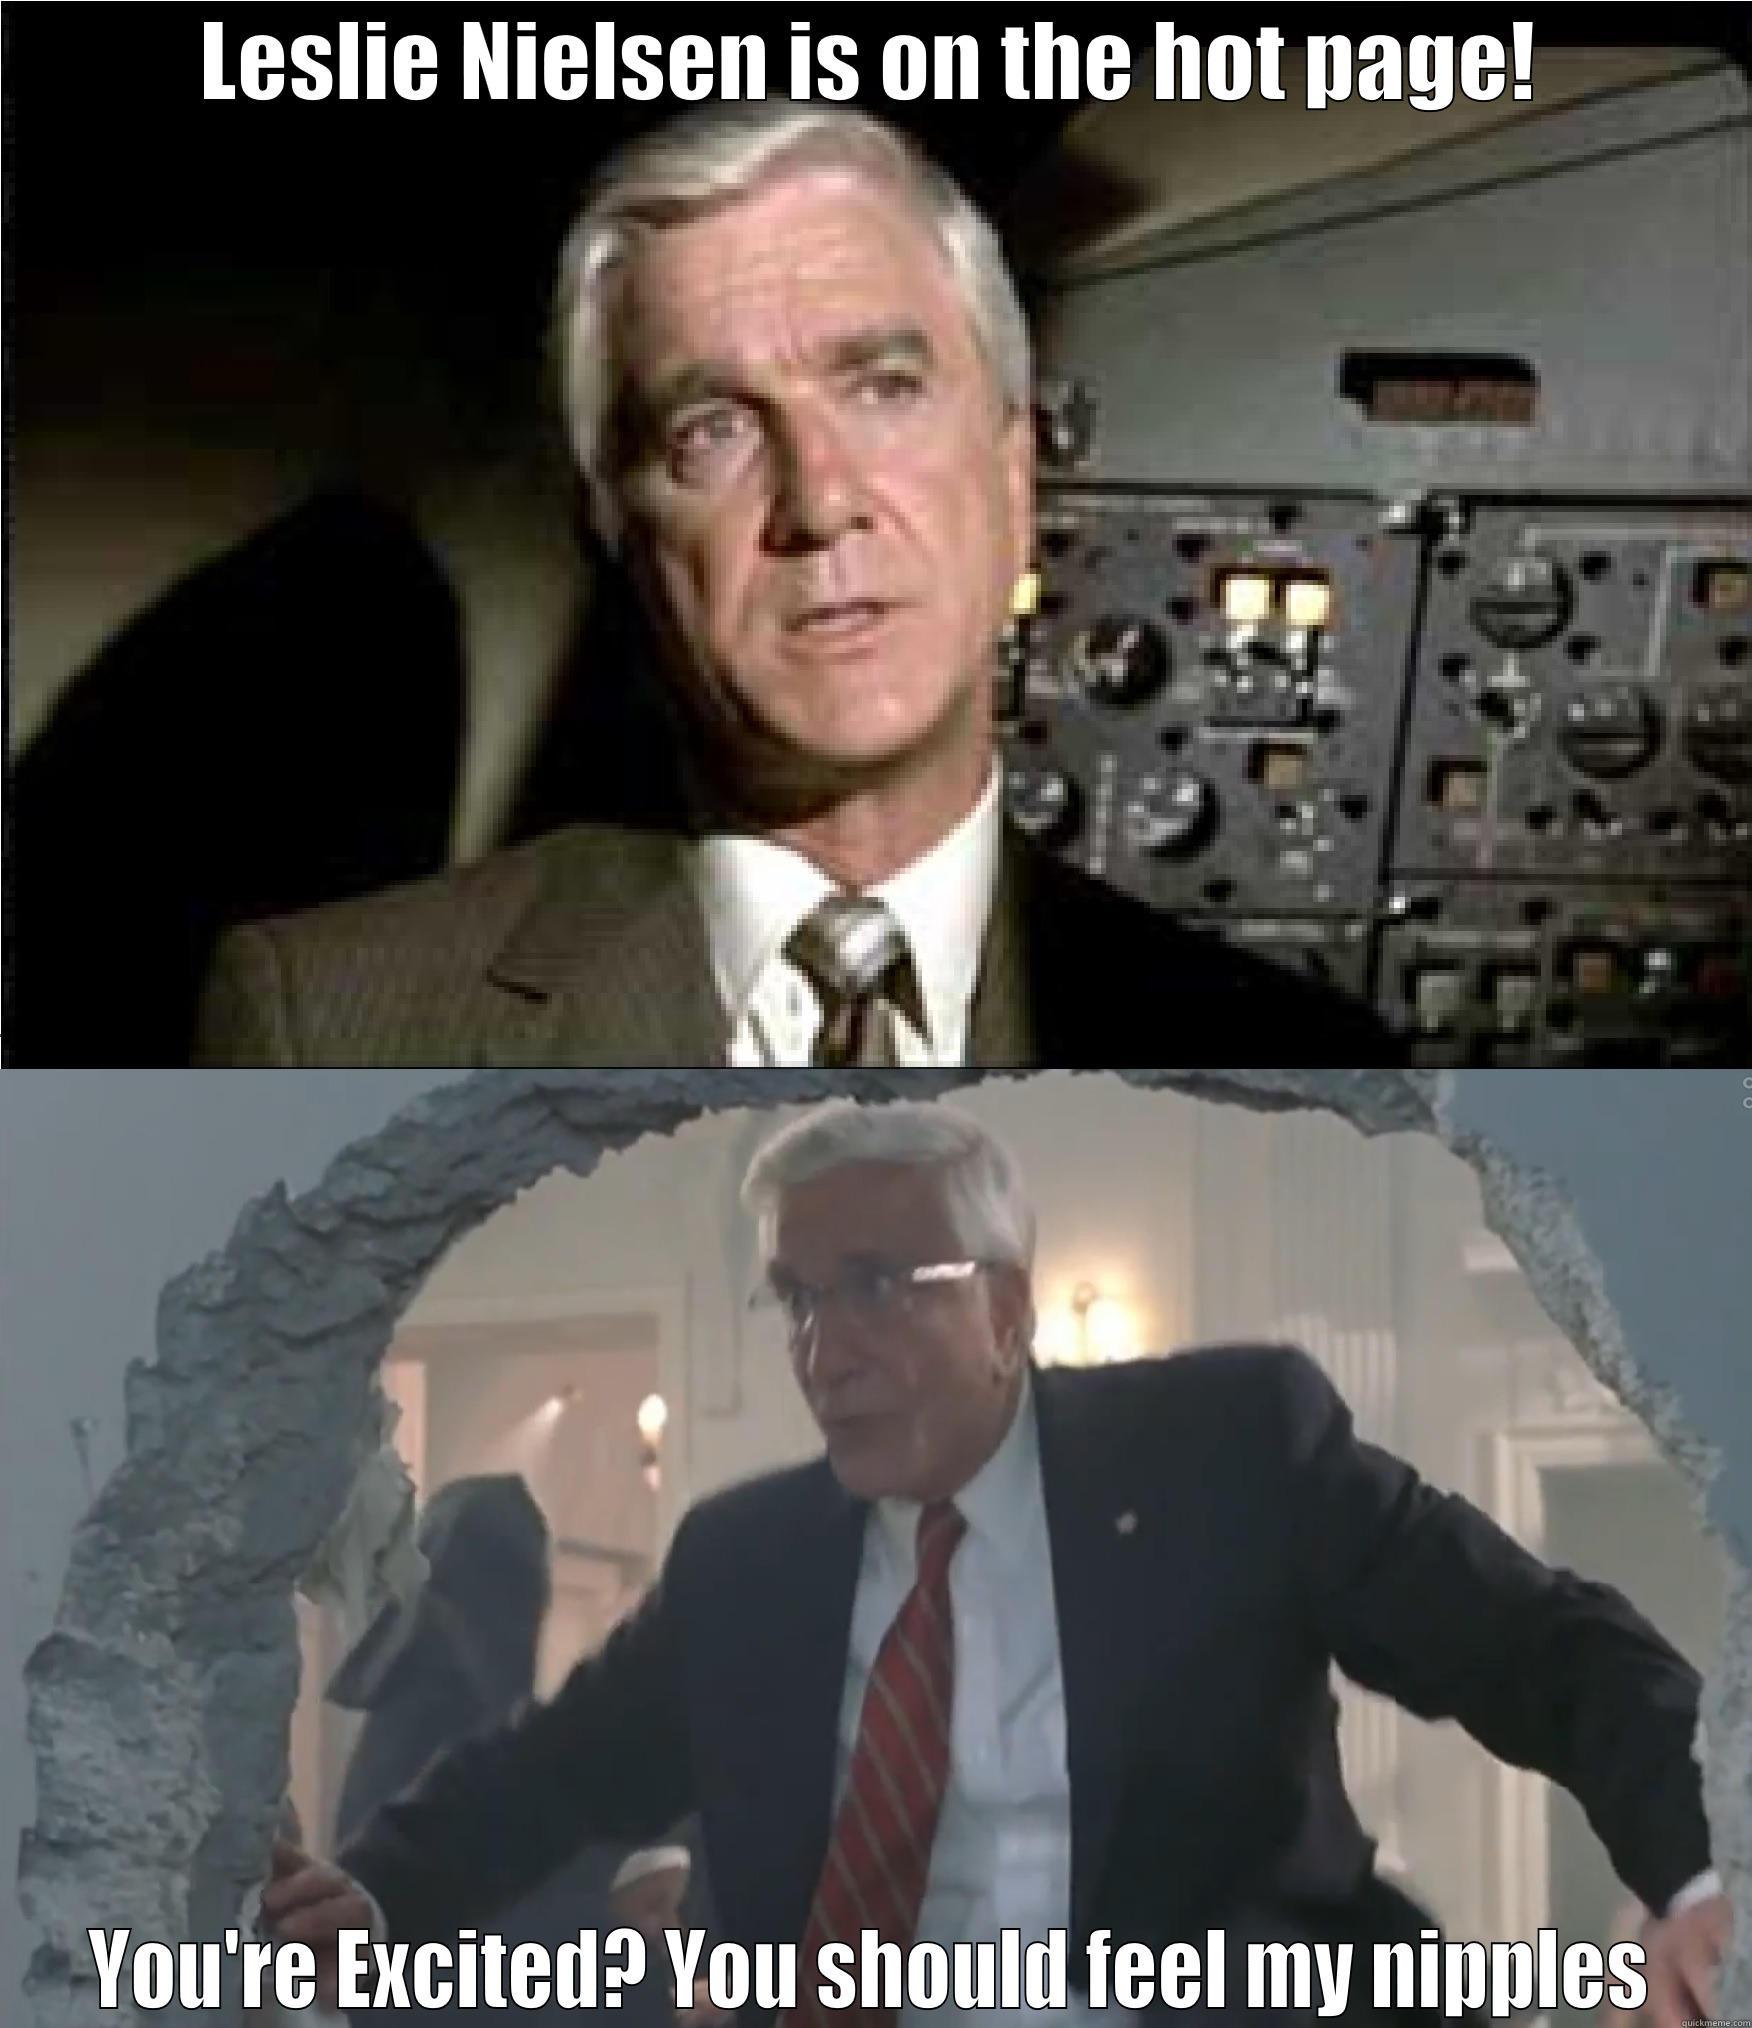 Leslie Nielsen Airplane Meme